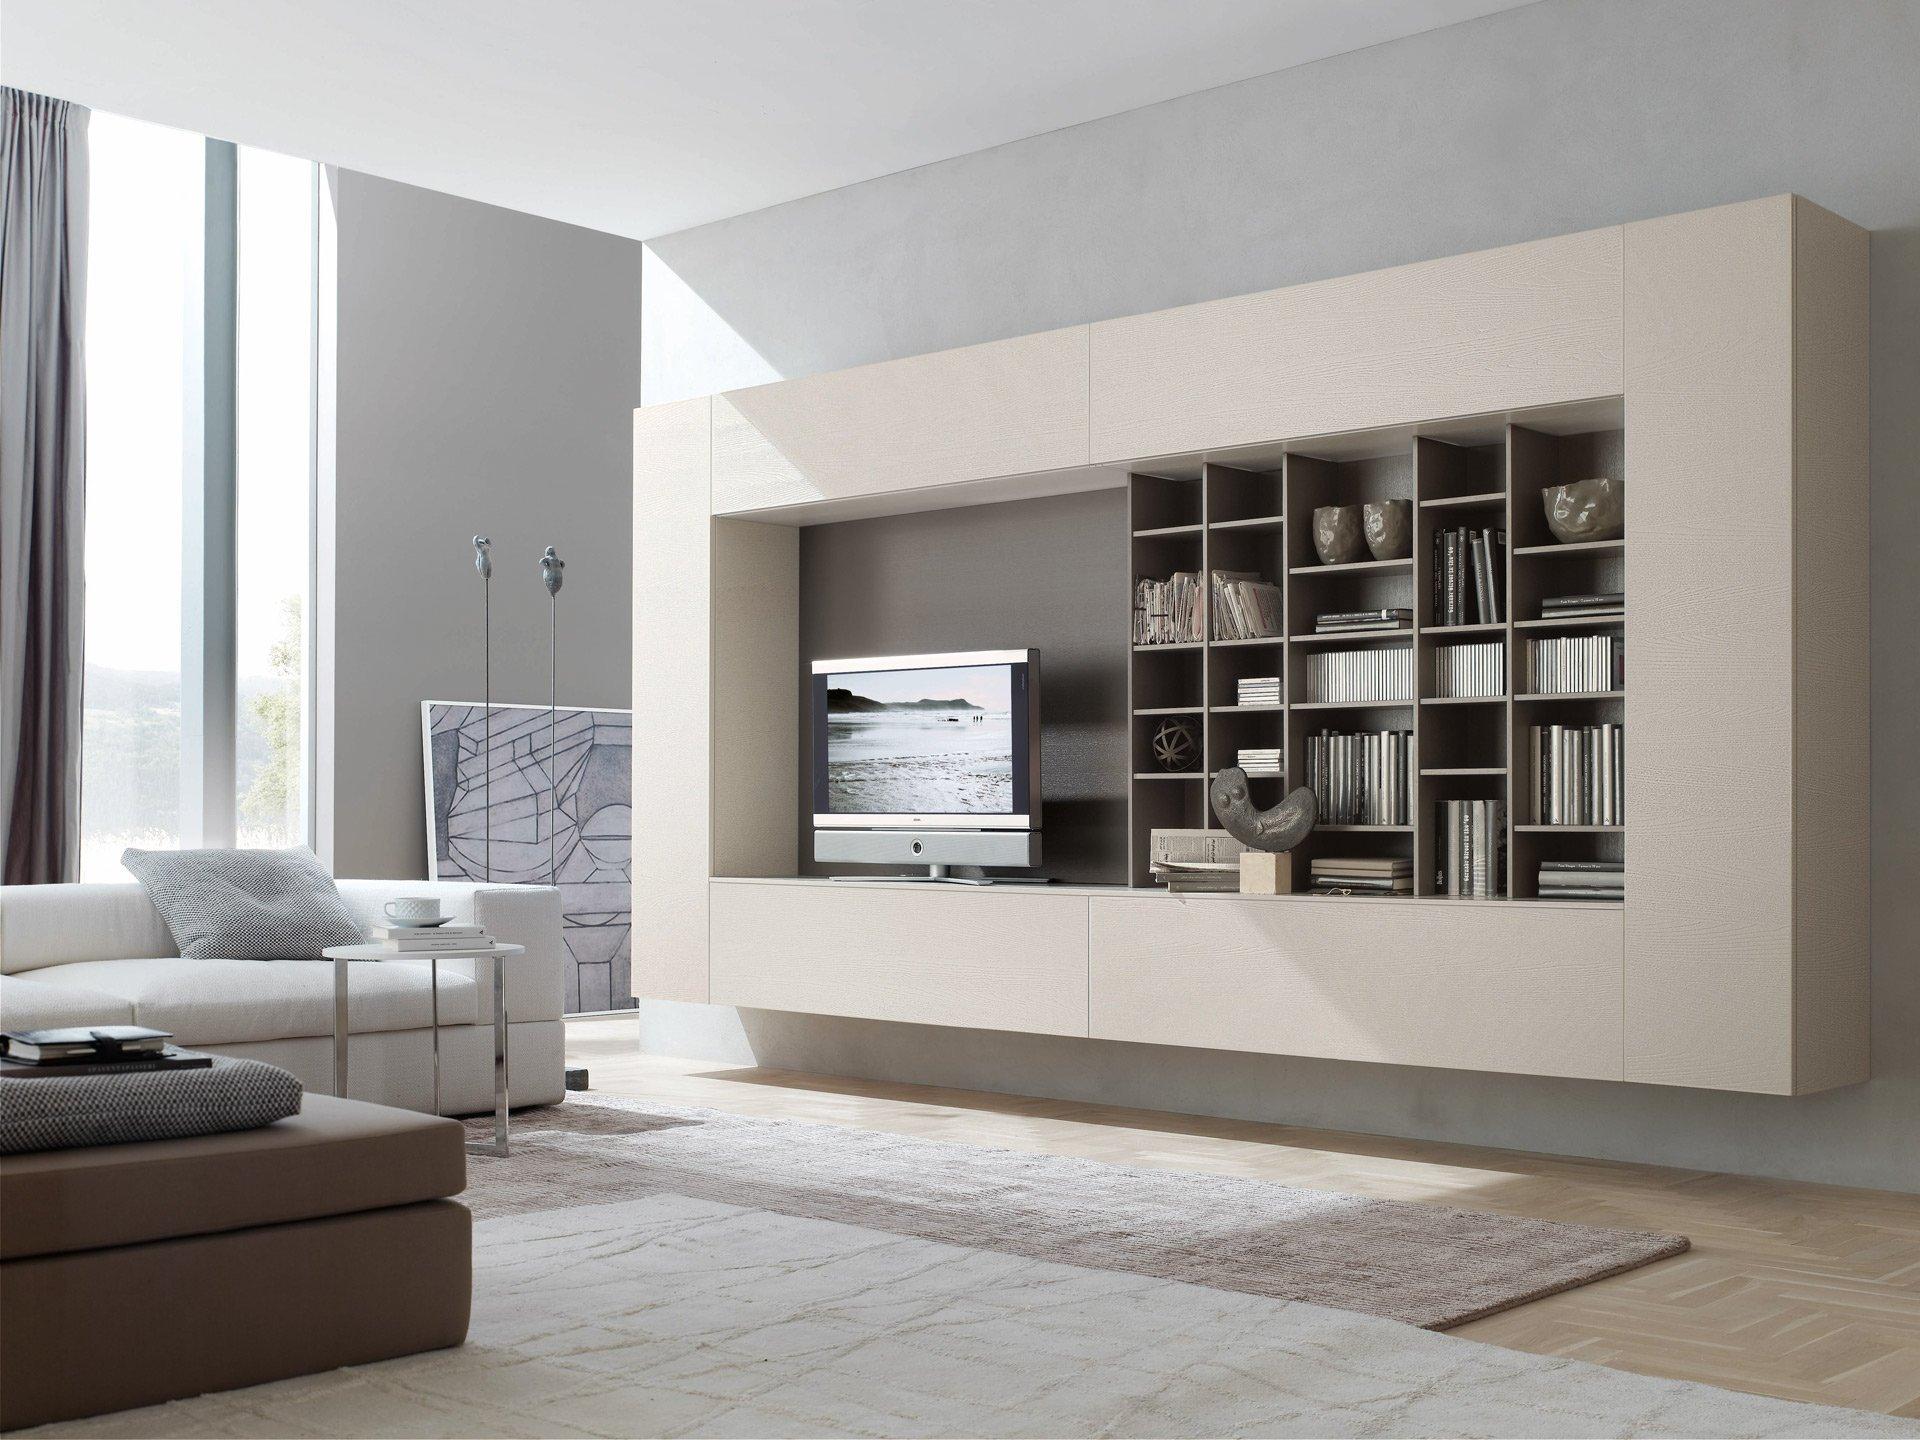 Бежевая, белая и коричневая мебель в стиле хай-тек в гостиной